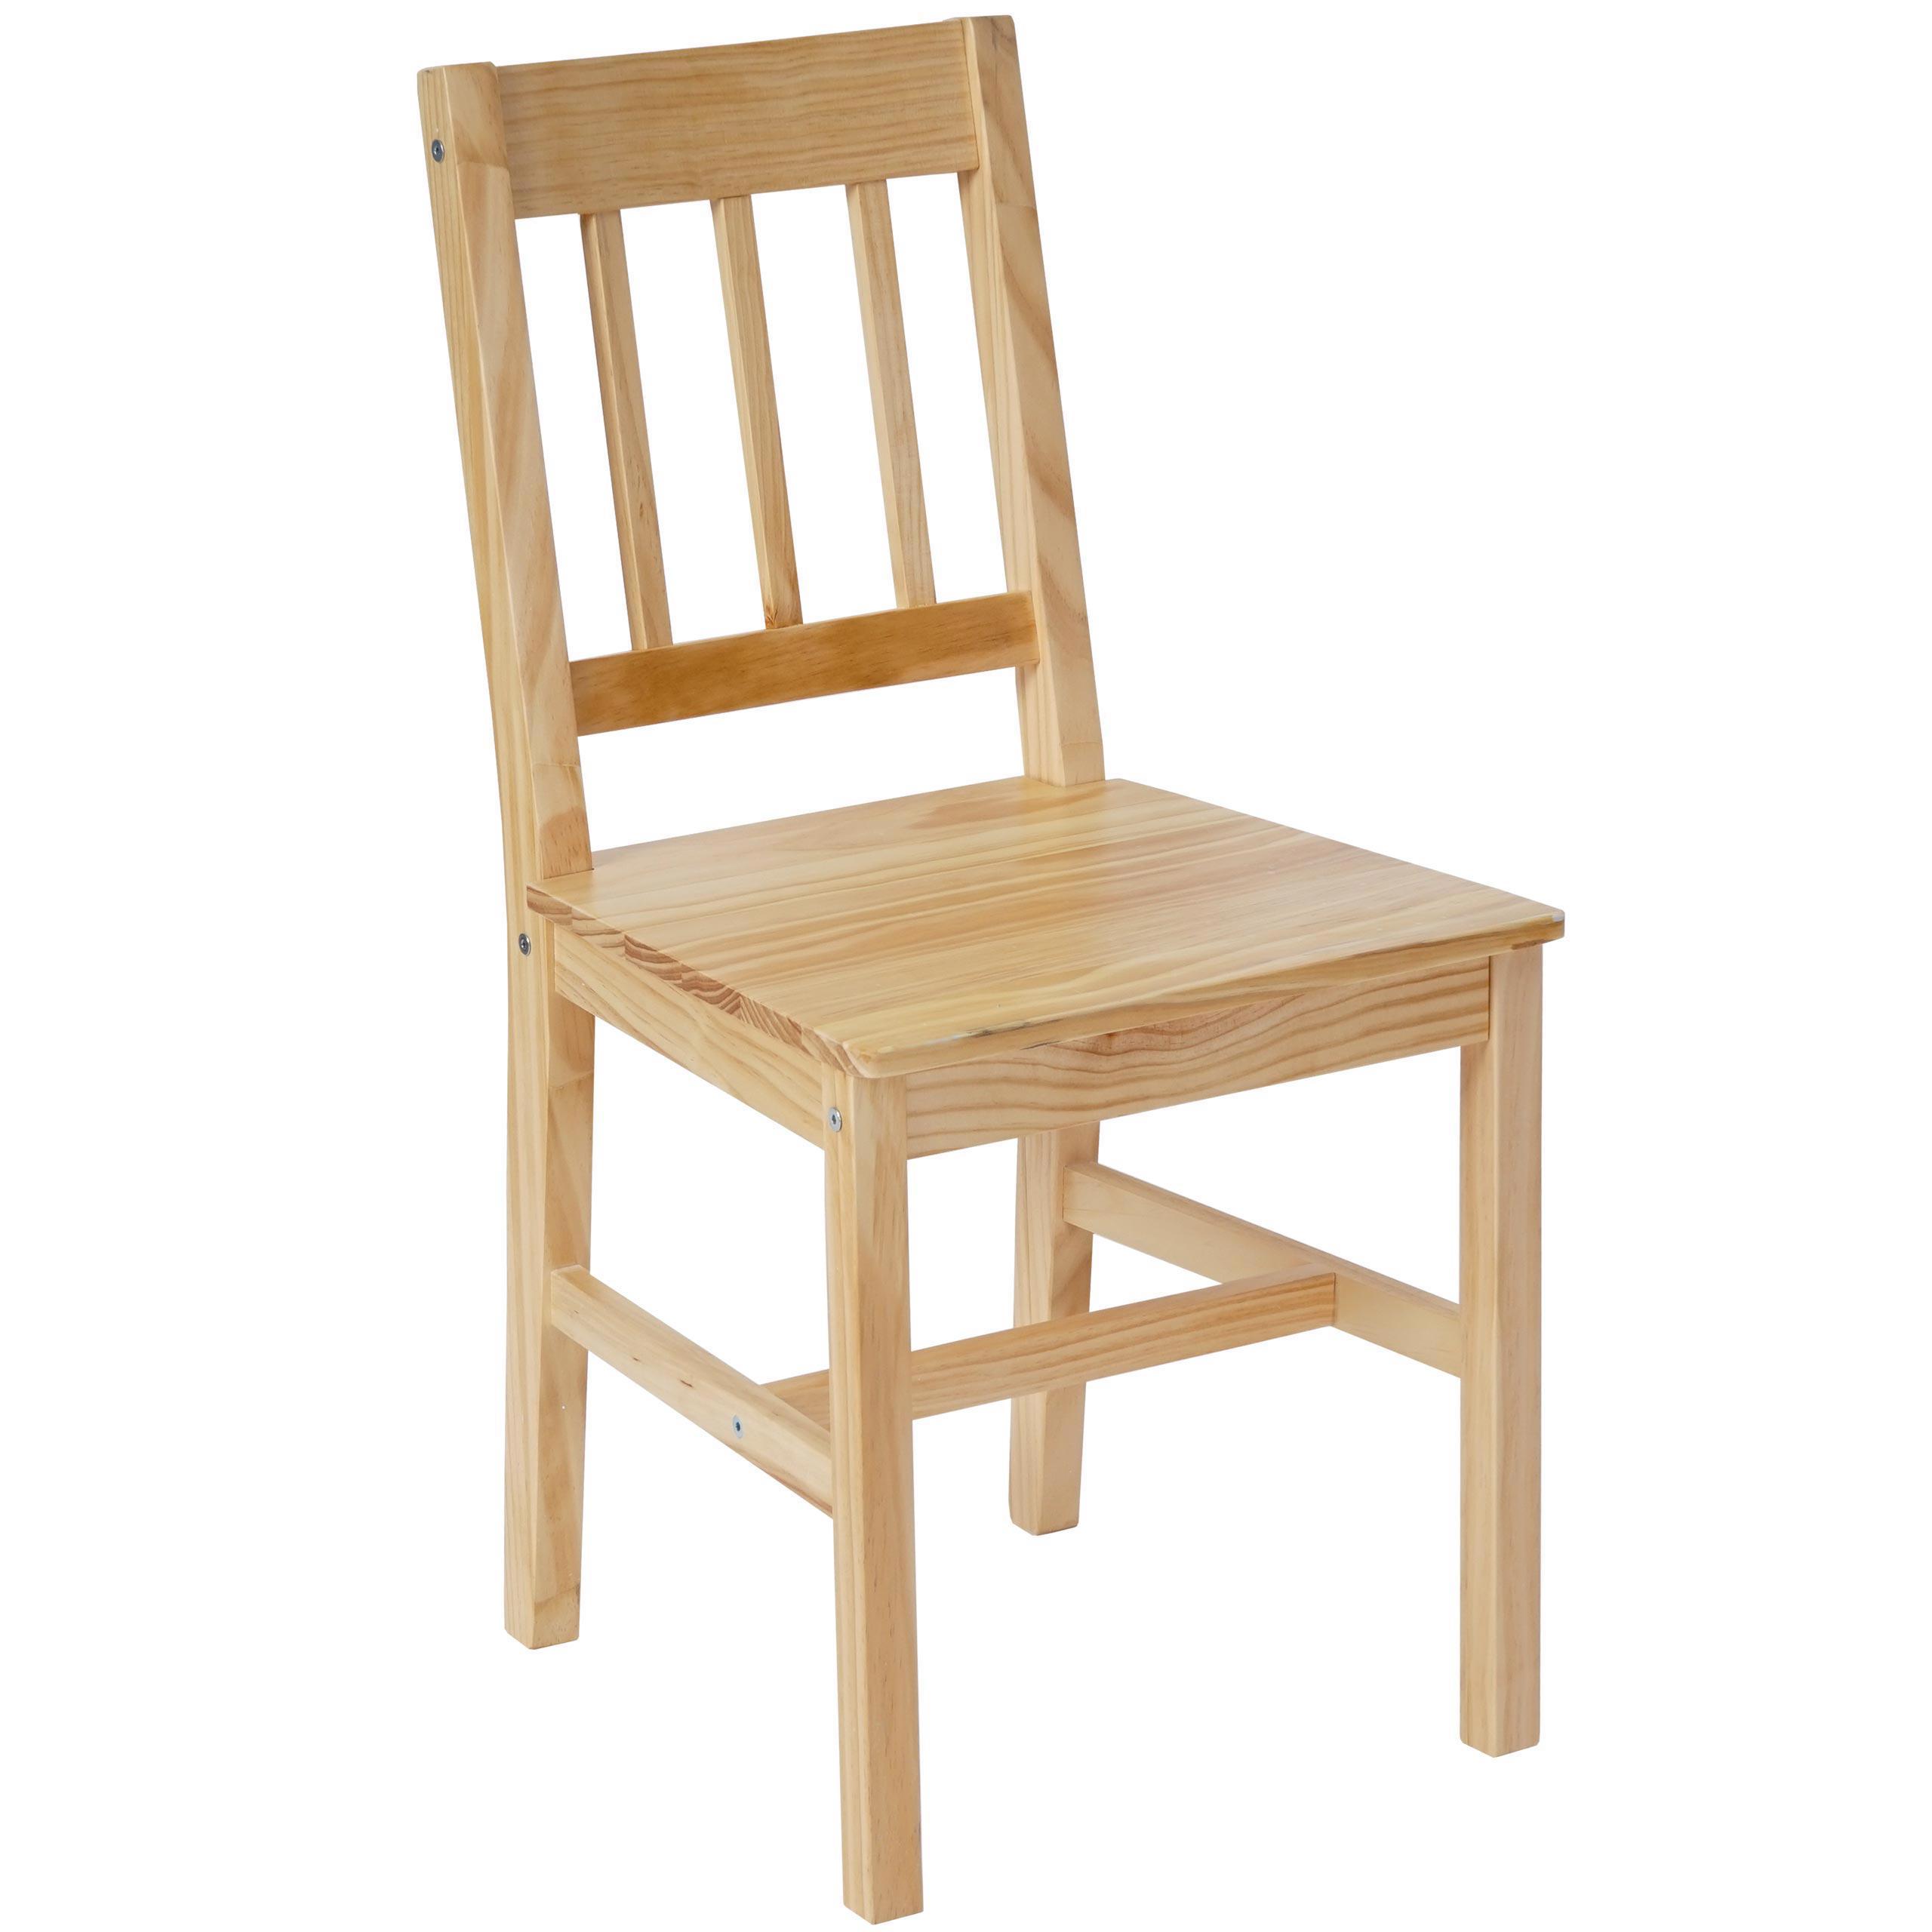 Lote 6 sillas de cocina o comedor nerja en marr n haya for Sillas de cocina comedor